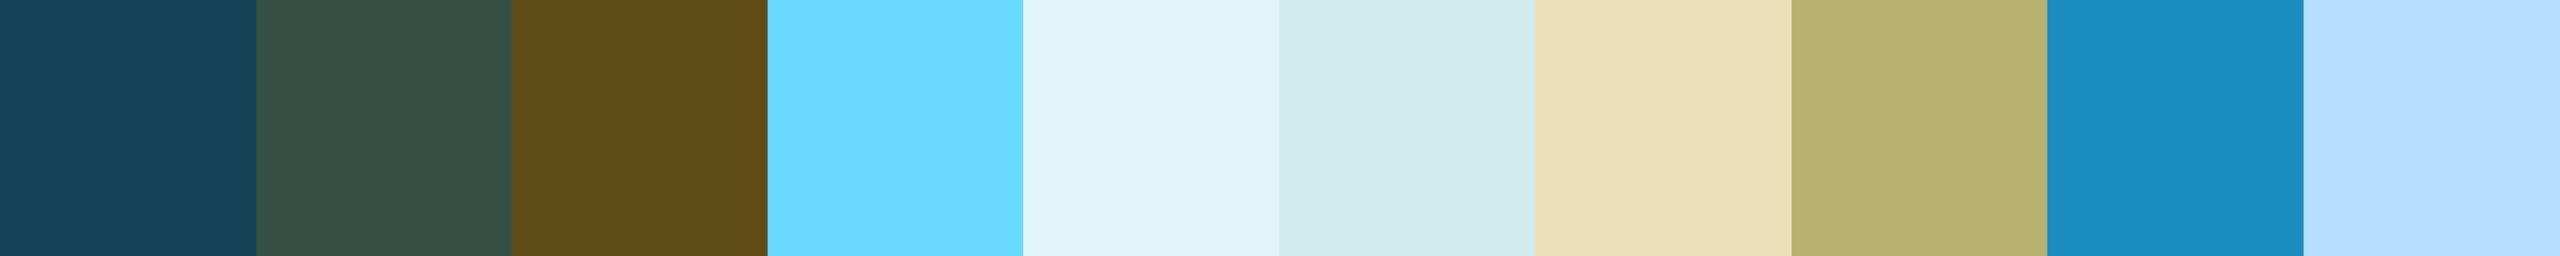 628 Dioniela Color Palette